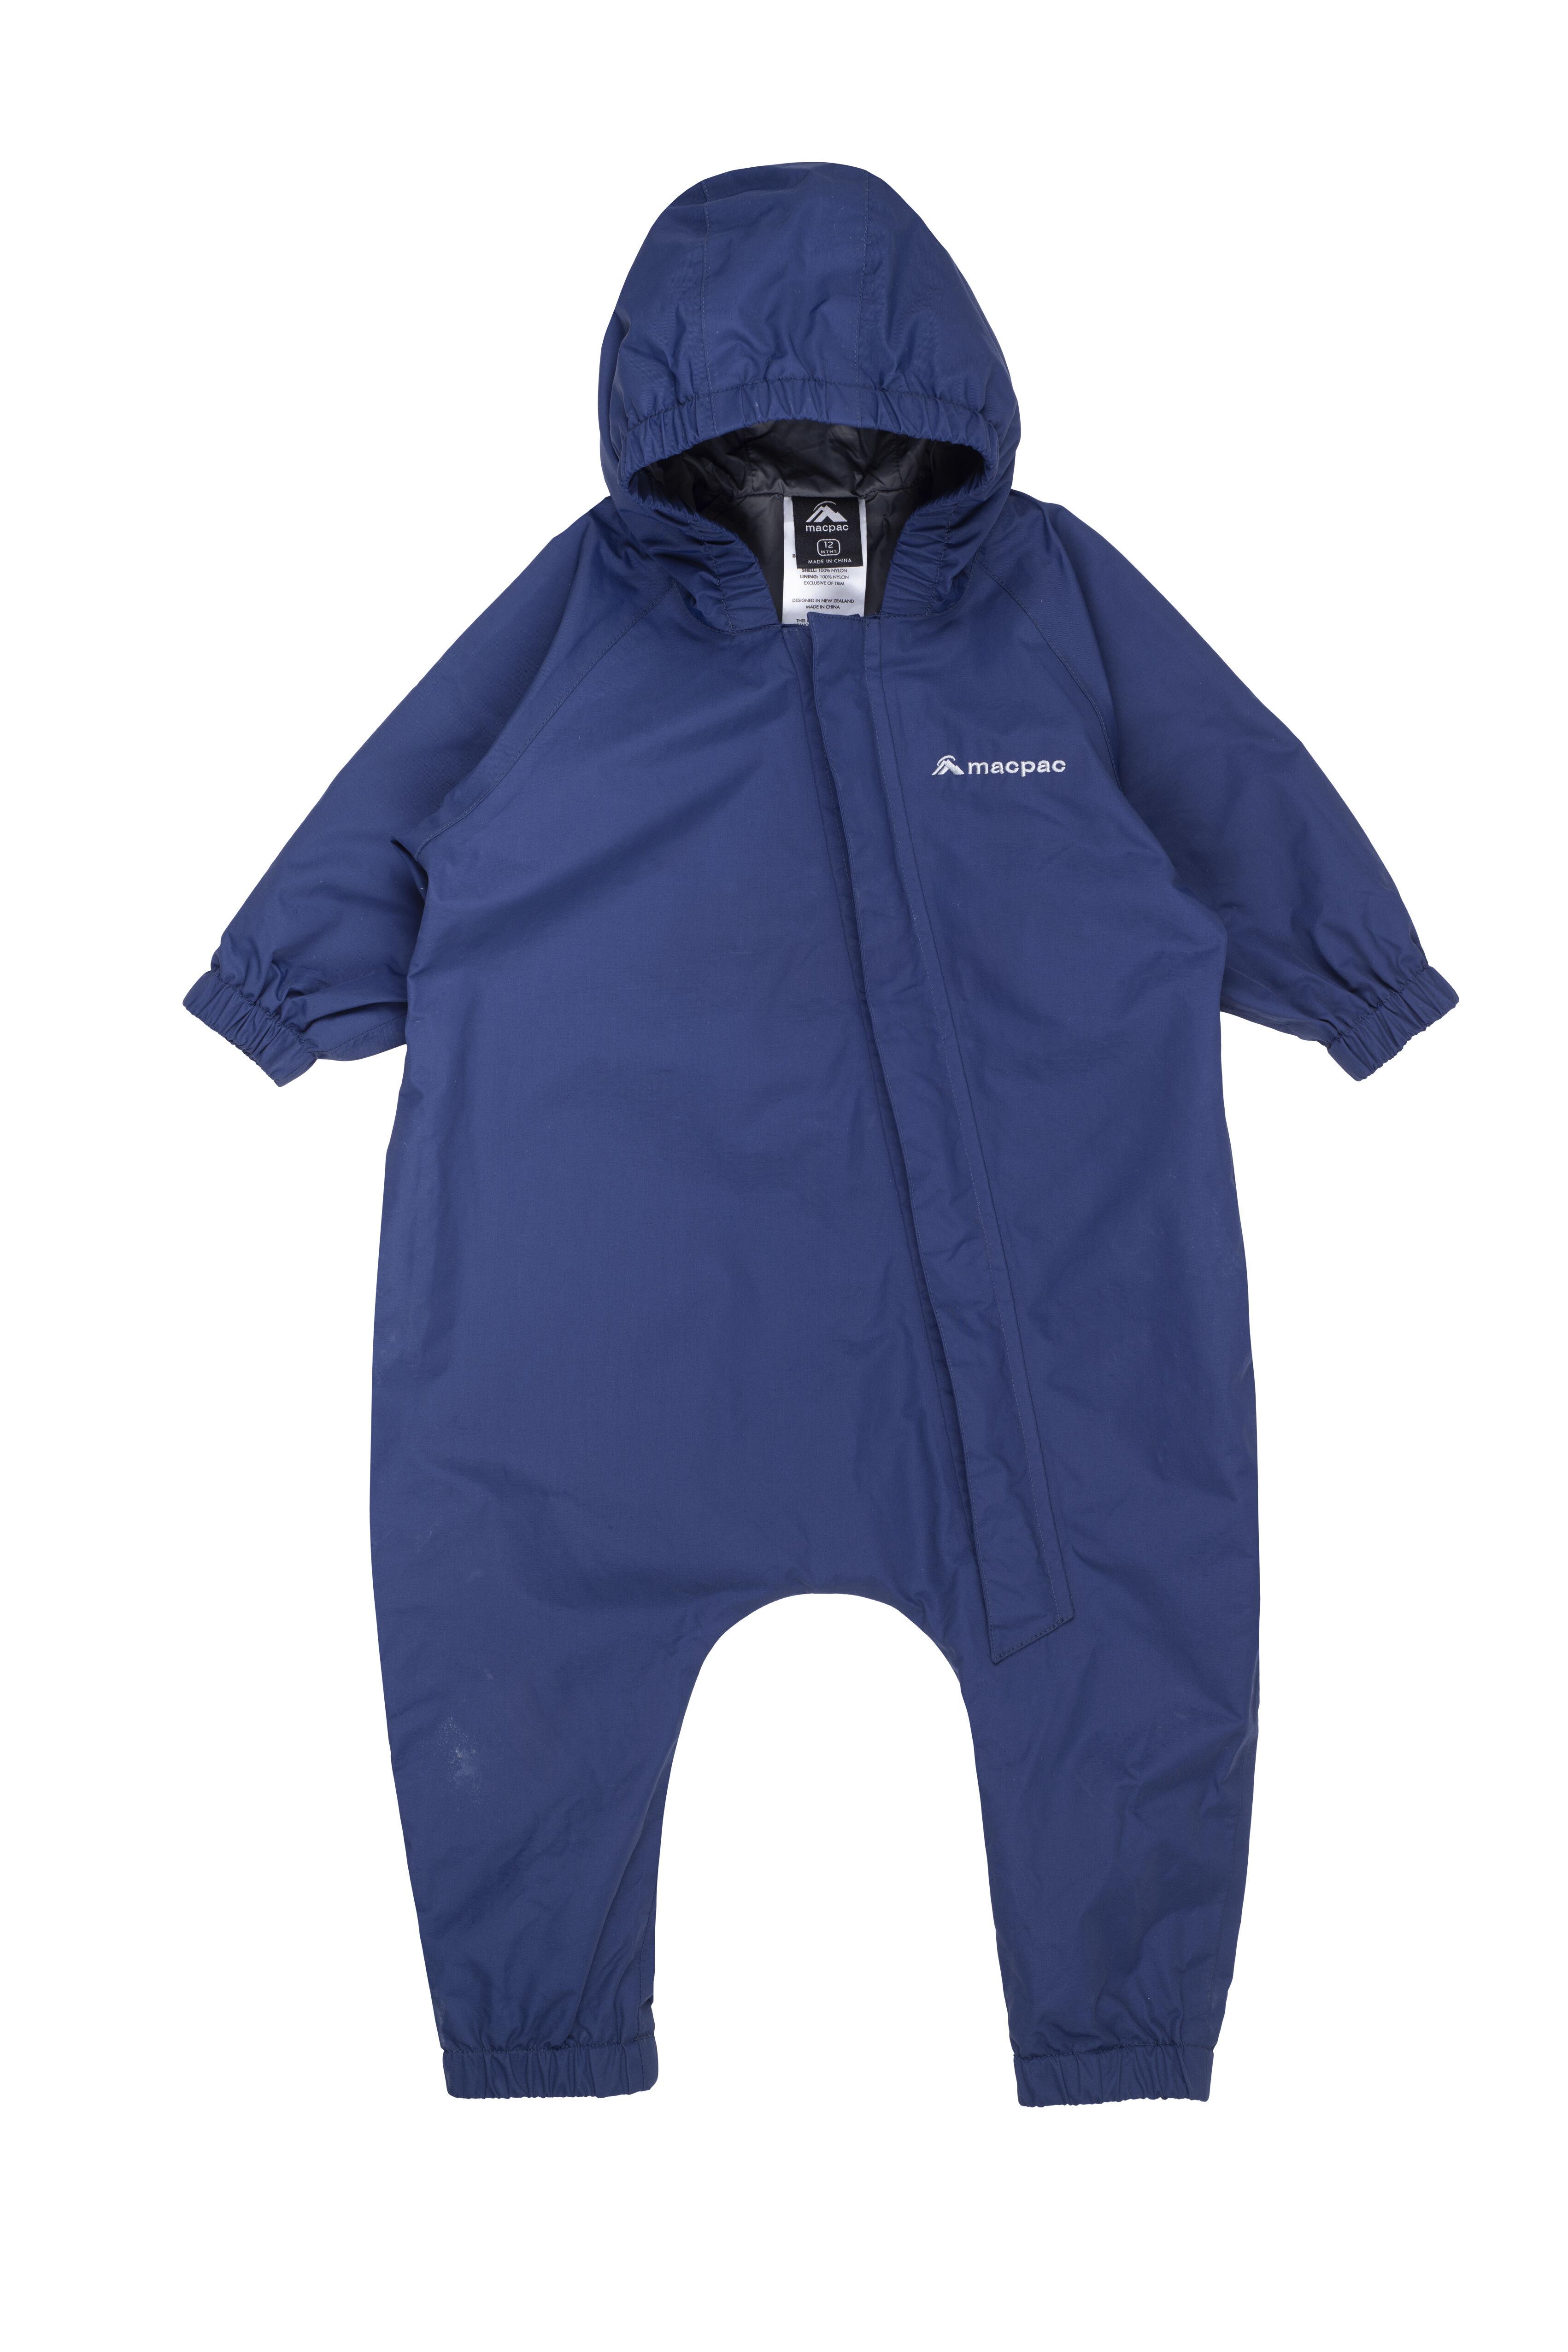 Unisex Indian Skull Baseball Jacket Coat Fashion Varsity Uniform Jacket